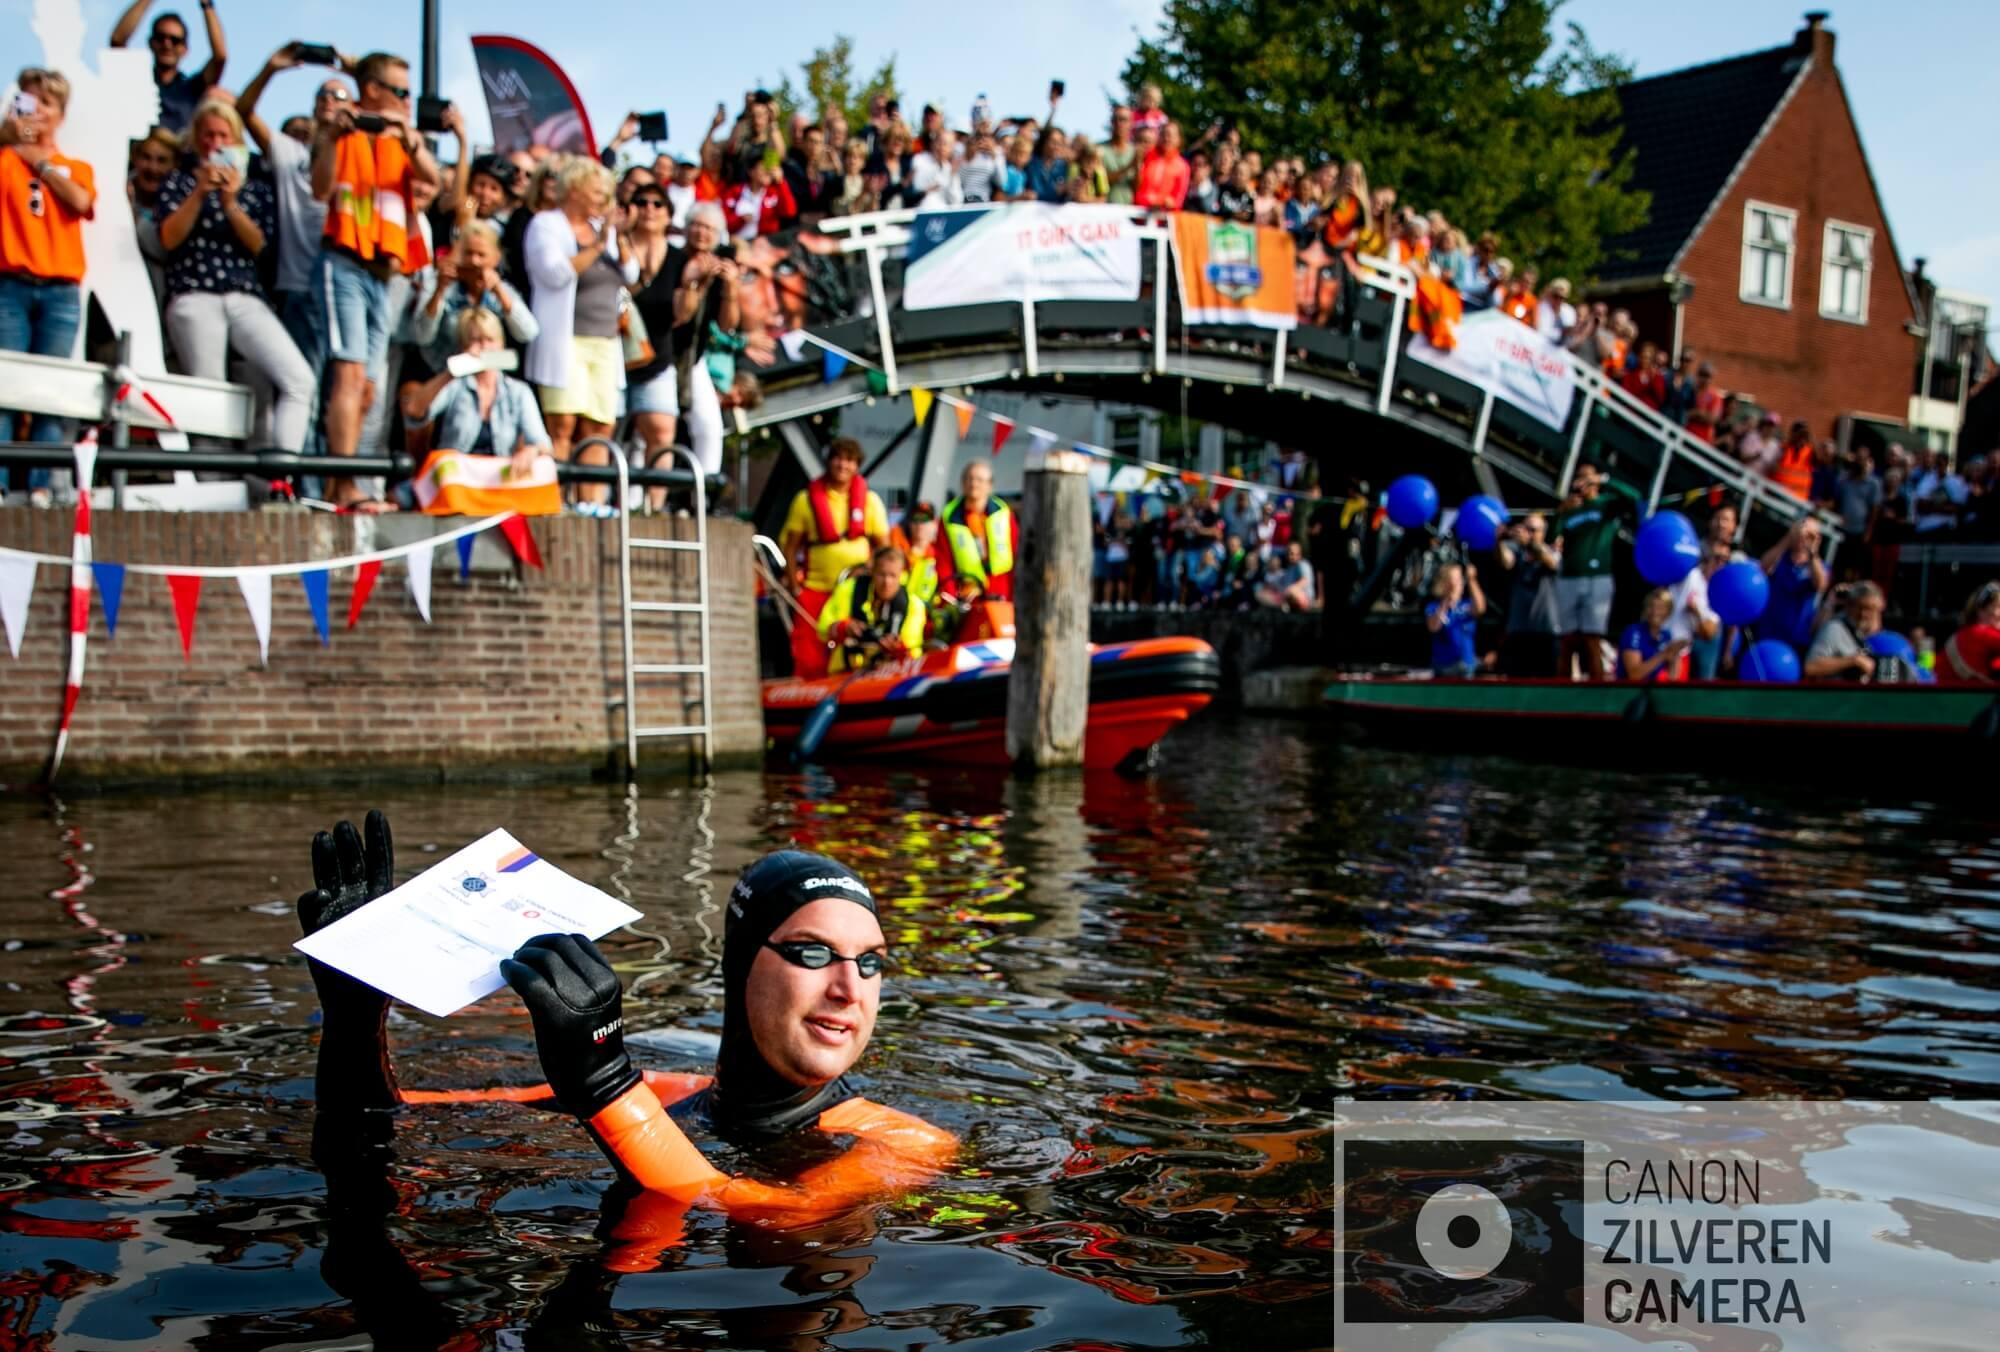 SNEEK - Olympisch zwemkampioen Maarten van der Weijden bij de 'stempelpost' in Sneek op de eerste dag van zijn 11stedenzwemtocht. De langeafstandszwemmer legt 200 kilometer af om geld in te zamelen voor kankeronderzoek.